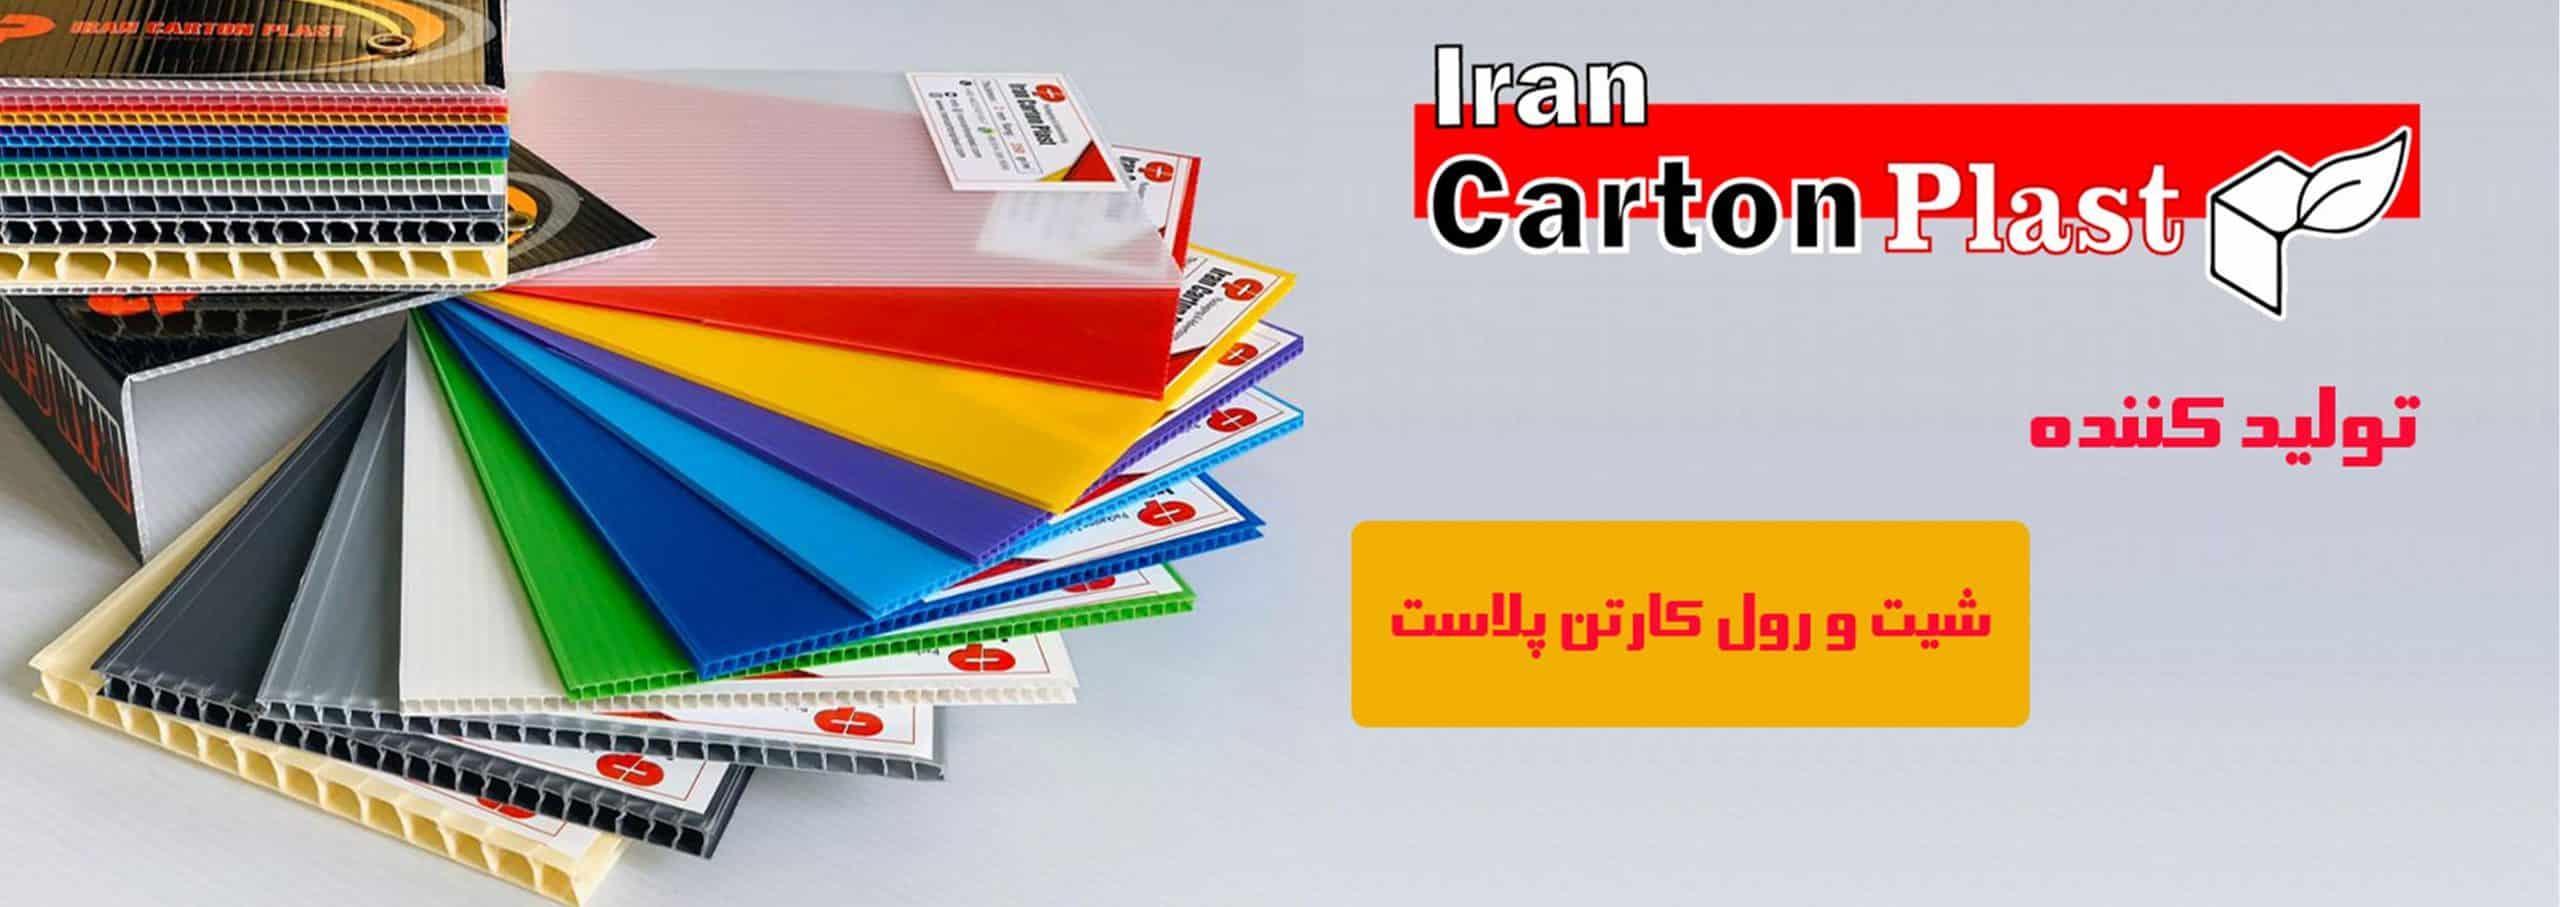 20202 scaled 1 - ایران کارتن پلاست بزرگترین مرجع تولید و فروش کارتن پلاست در ایران